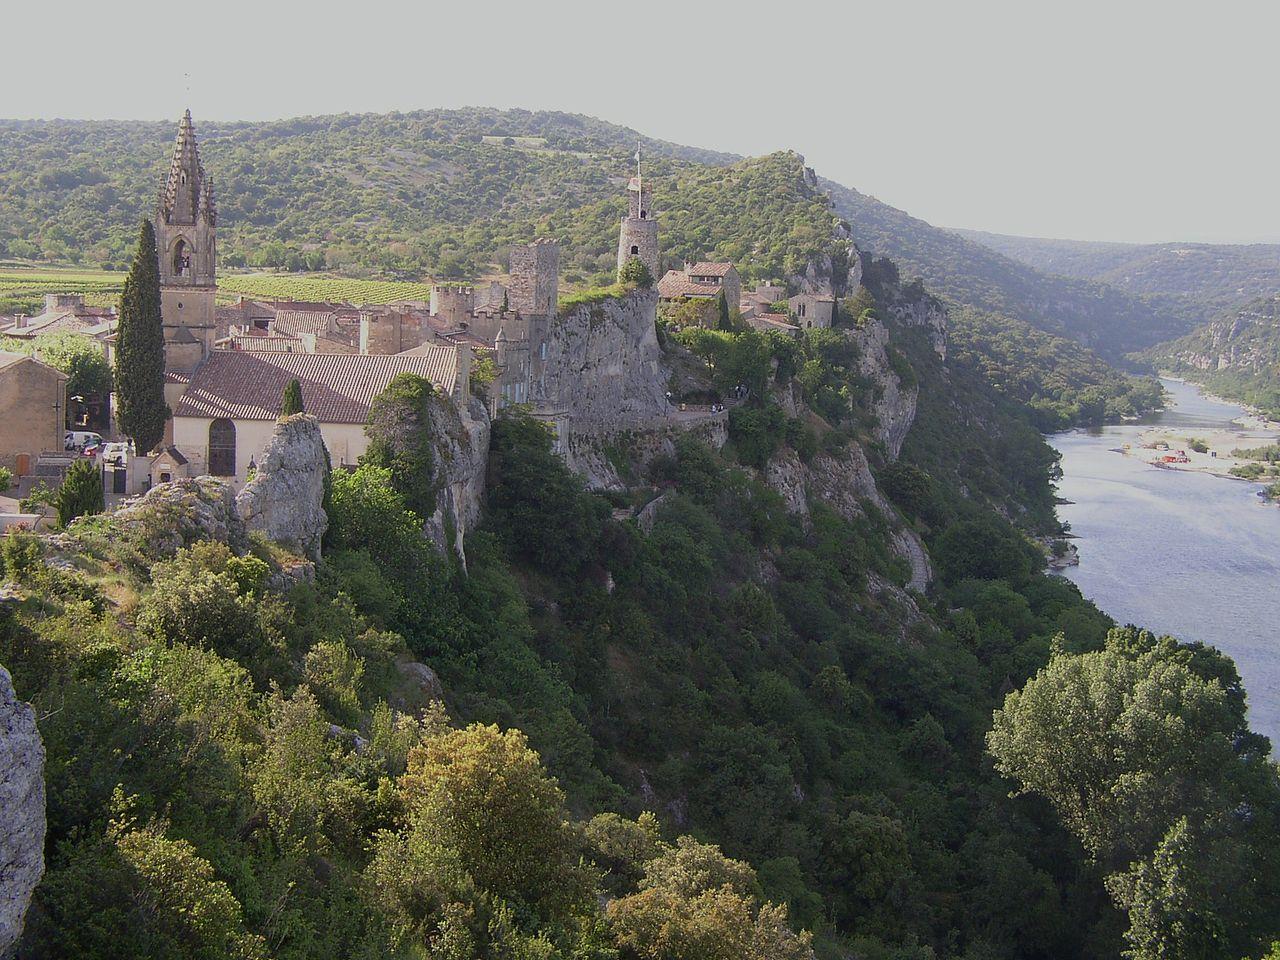 Lieux à découvrir autour de Montélimar : le village d'Aiguèze